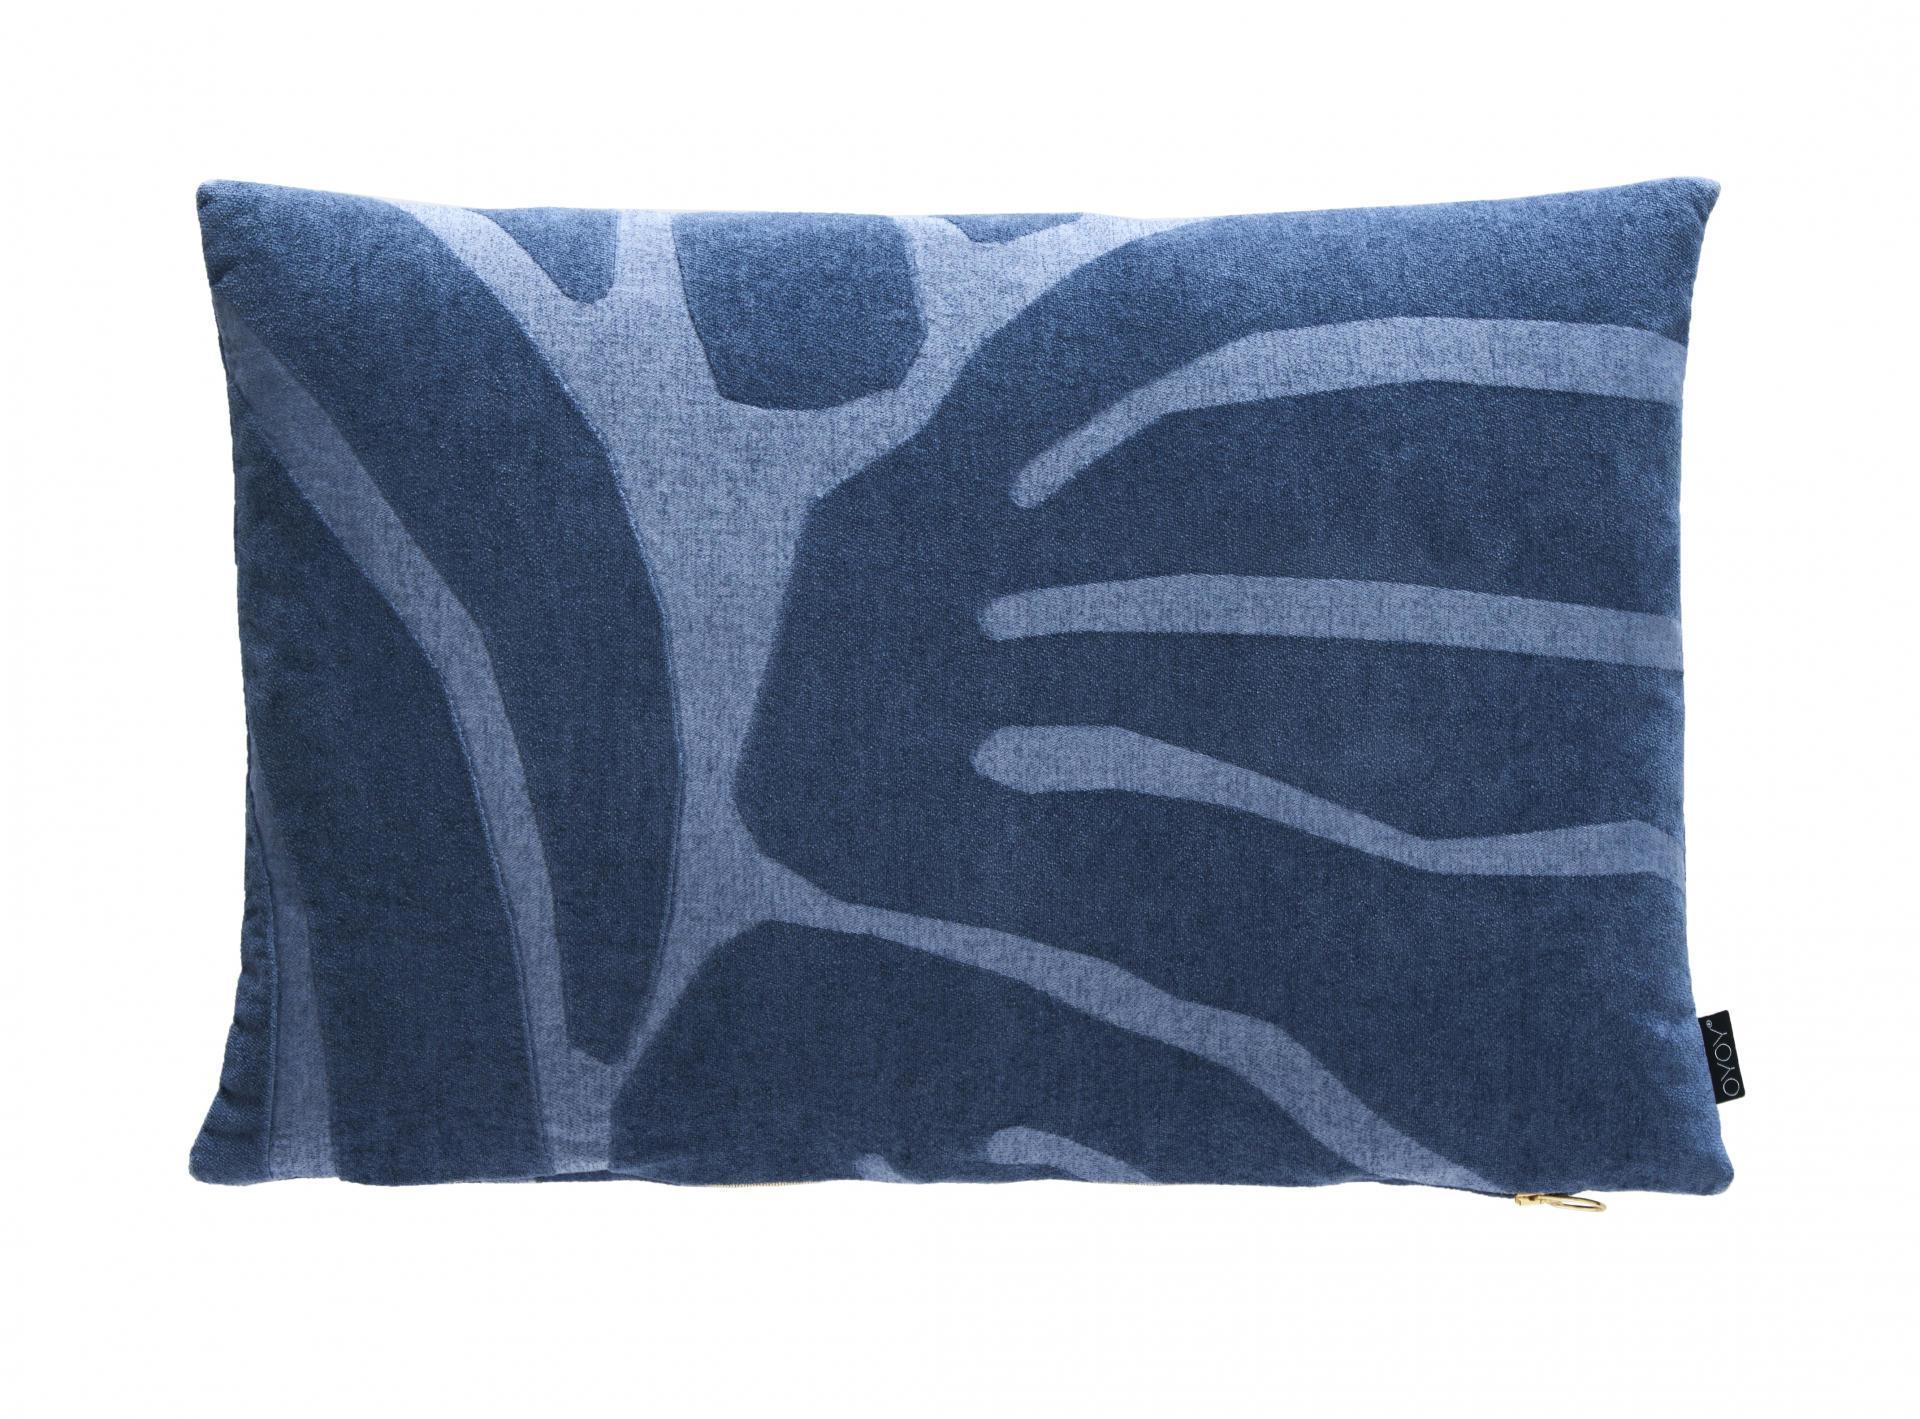 OYOY Polštář Roa Flint stone blue 40x60 cm